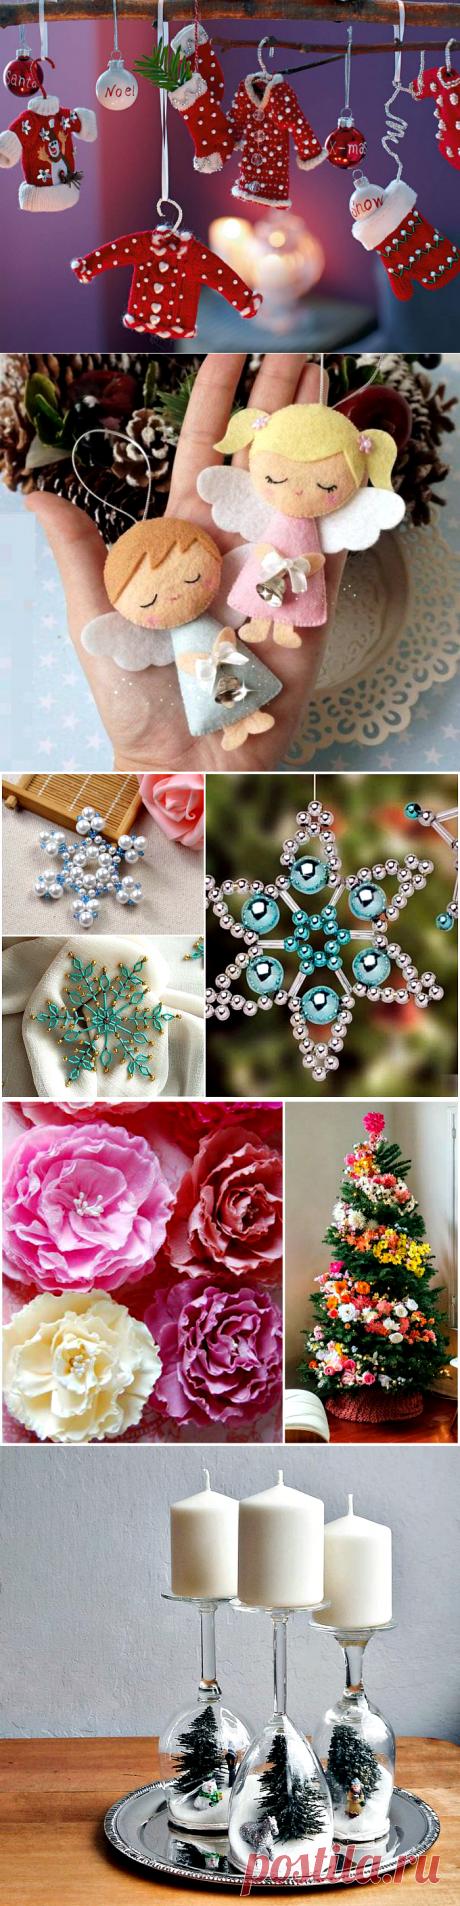 На пороге праздника: 18 эксклюзивных новогодних украшений, которые можно сделать своими руками